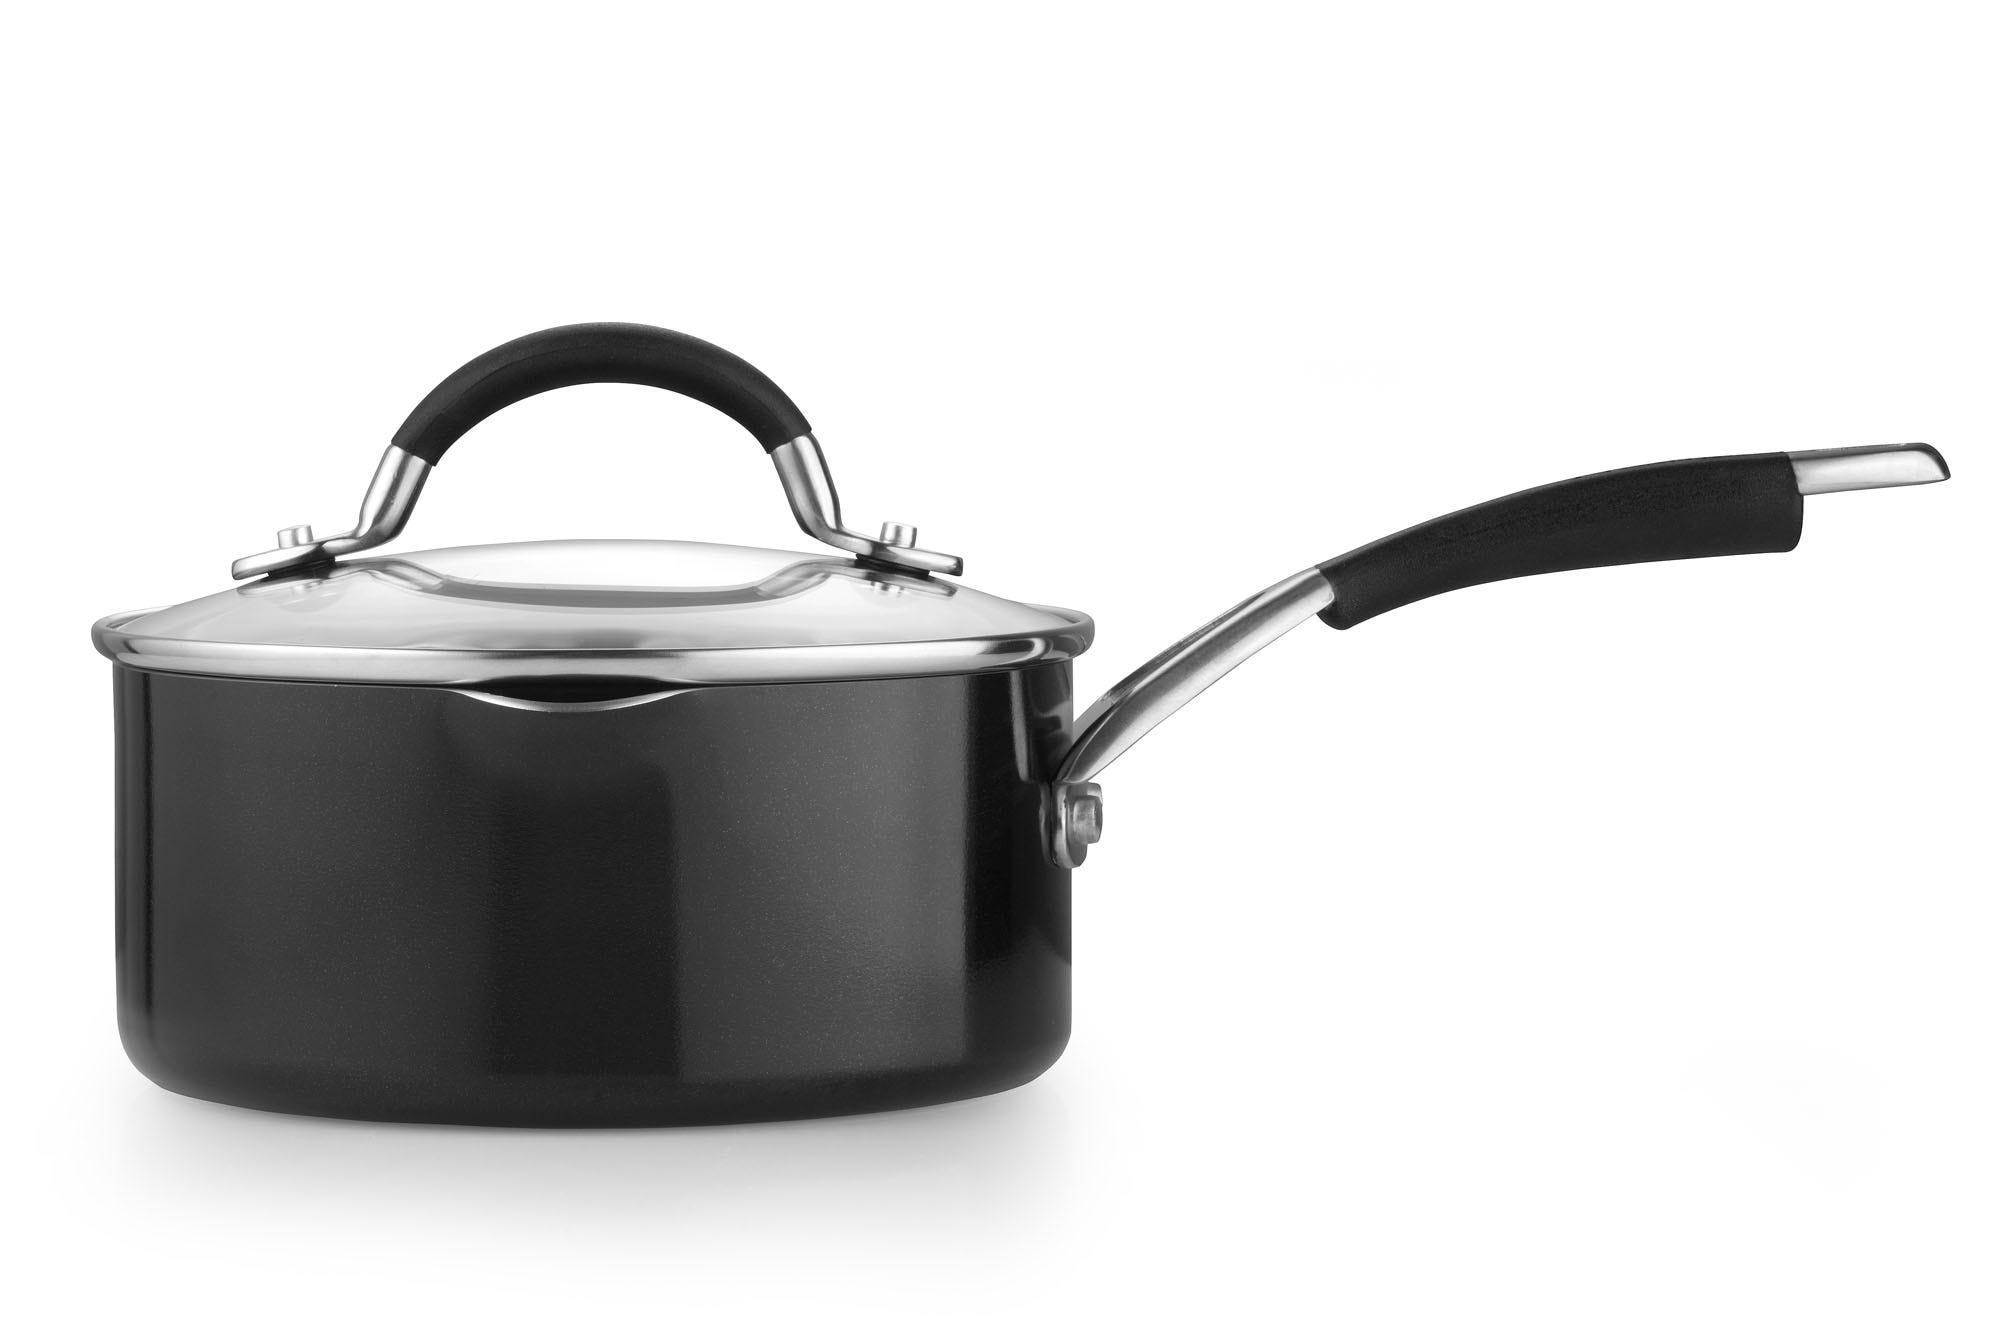 Prestige Inspire 18cm/1.9L Aluminium Saucepan - Black